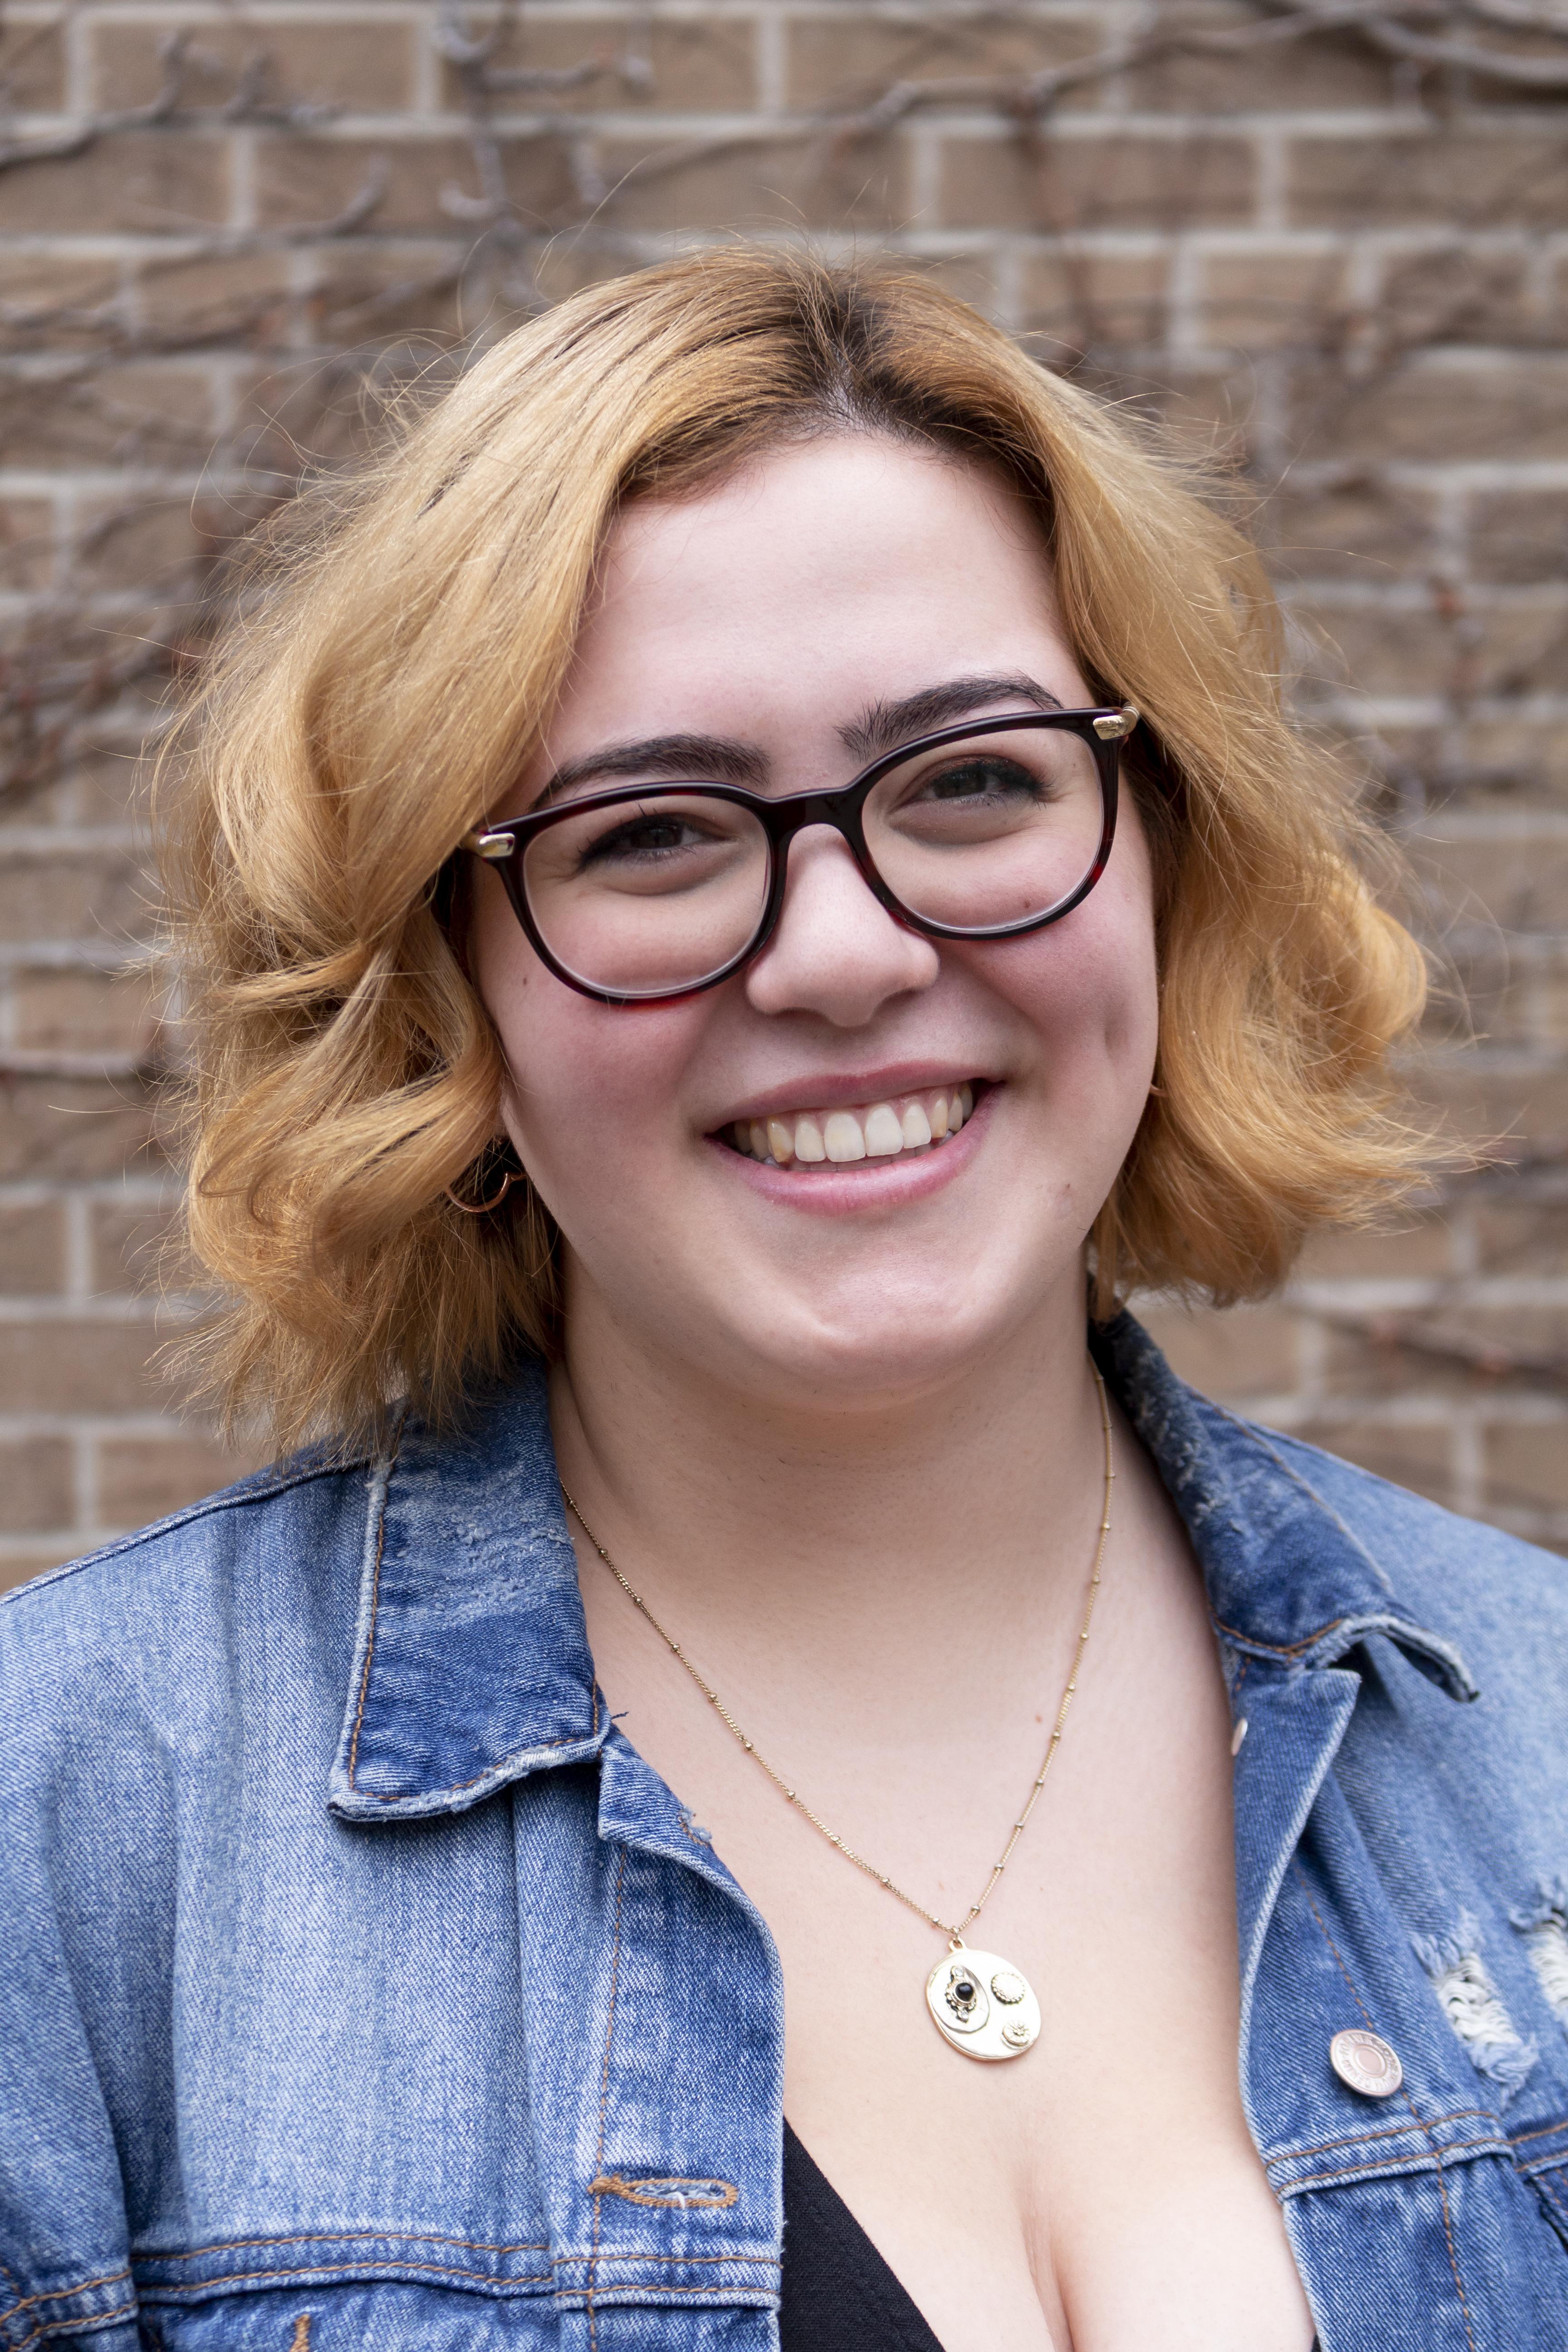 Jessica Tucciarone